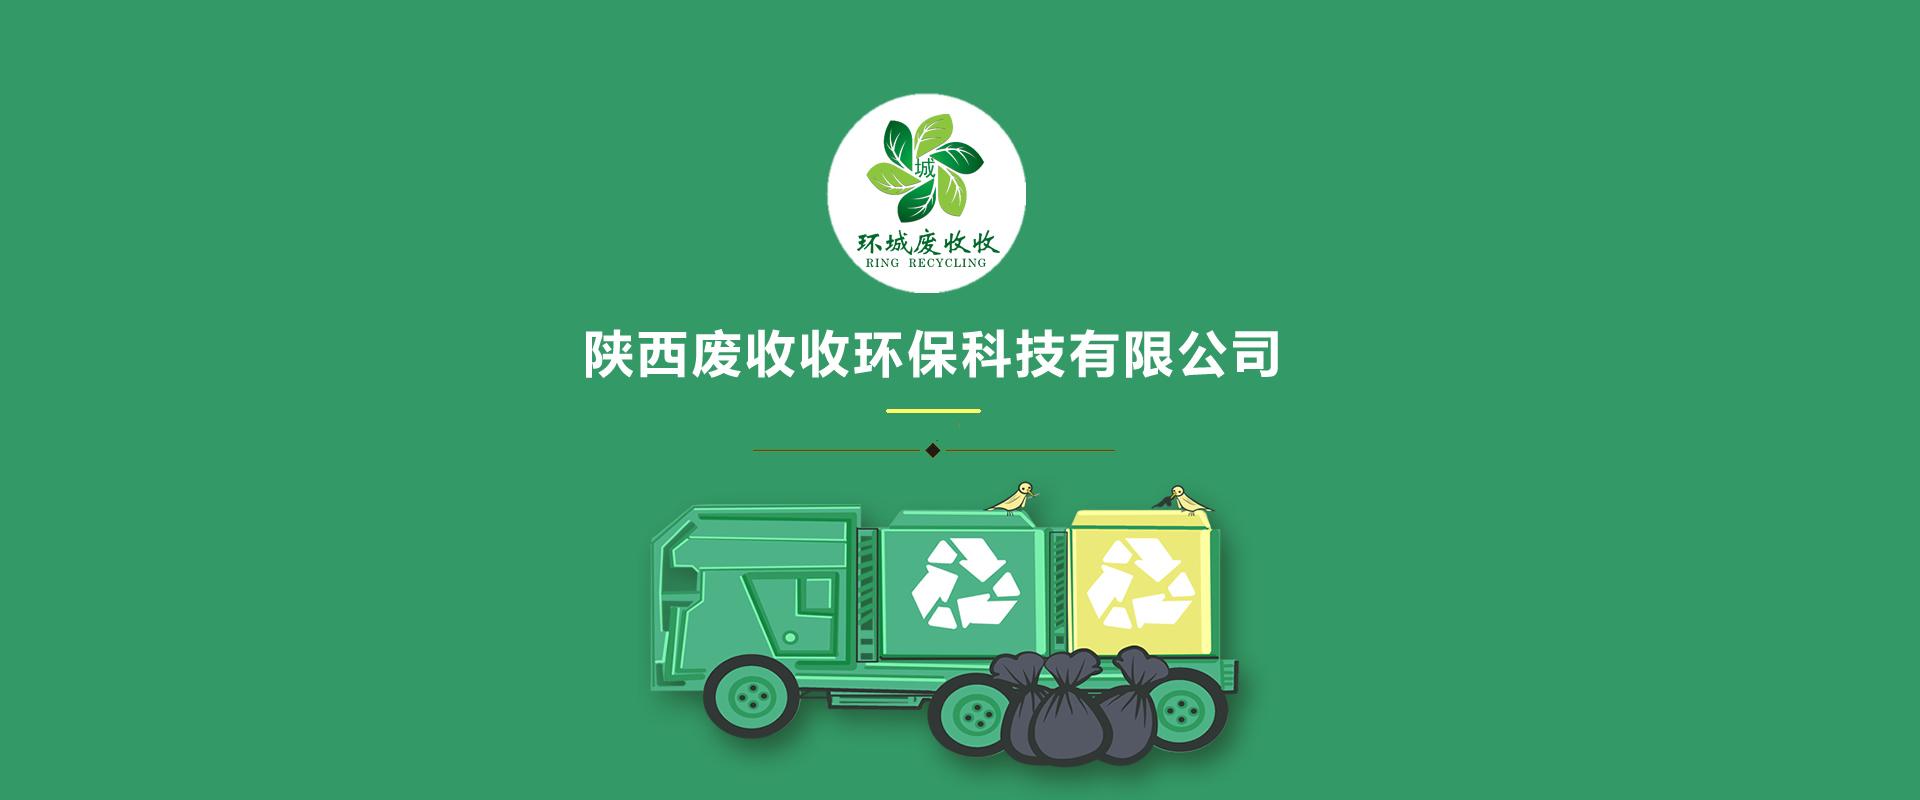 咸阳废品回收